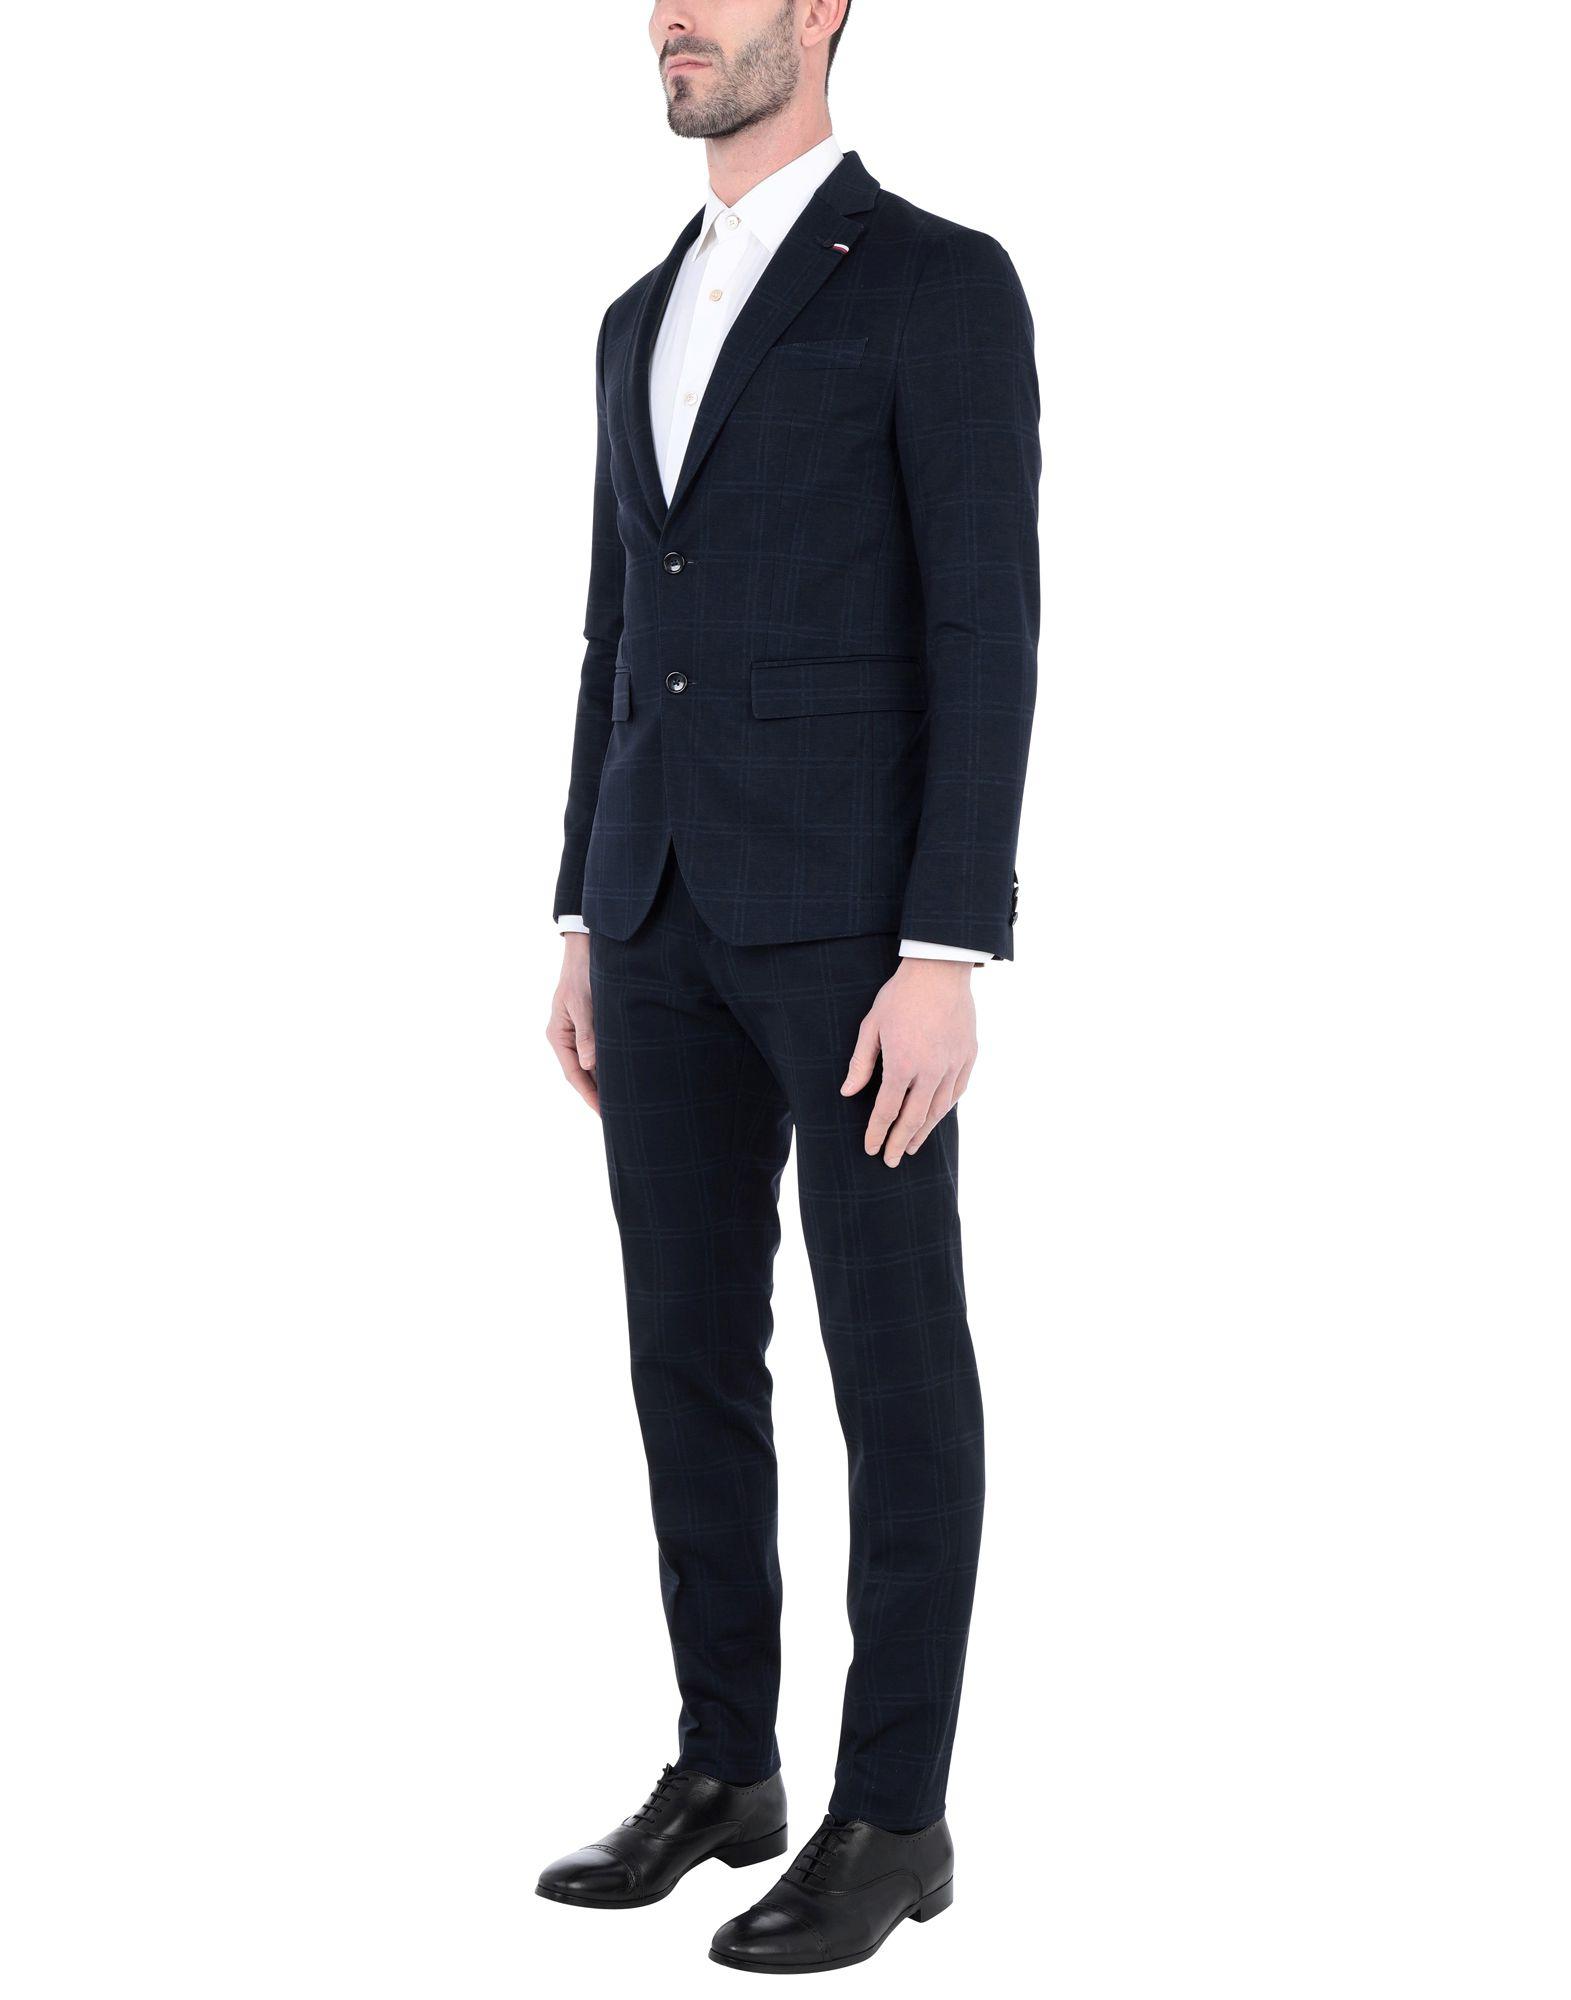 《セール開催中》TOMMY HILFIGER メンズ スーツ ダークブルー 54 レーヨン 41% / ナイロン 32% / ポリエステル 22% / ポリウレタン 5% JERSEY CHECK SLIM FI